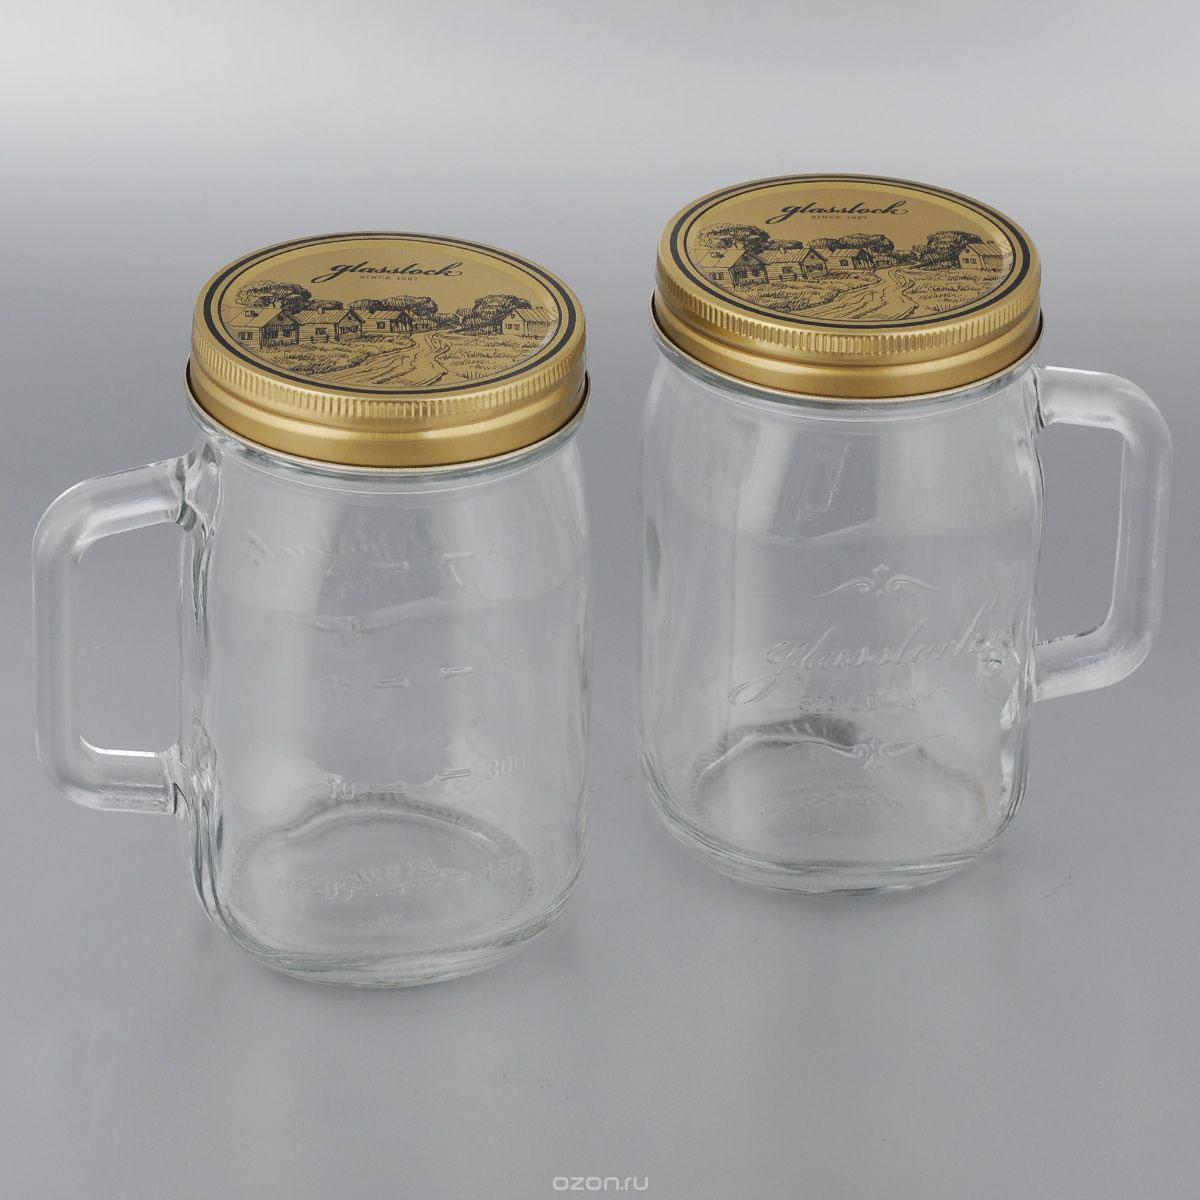 Набор банок для сыпучих продуктов Glasslock, цвет: золотистый, прозрачный, 500 мл, 2 штIG-753_прозрачный, золотистыйНабор банок для сыпучих продуктов Glasslock, 500 мл, 2 шт